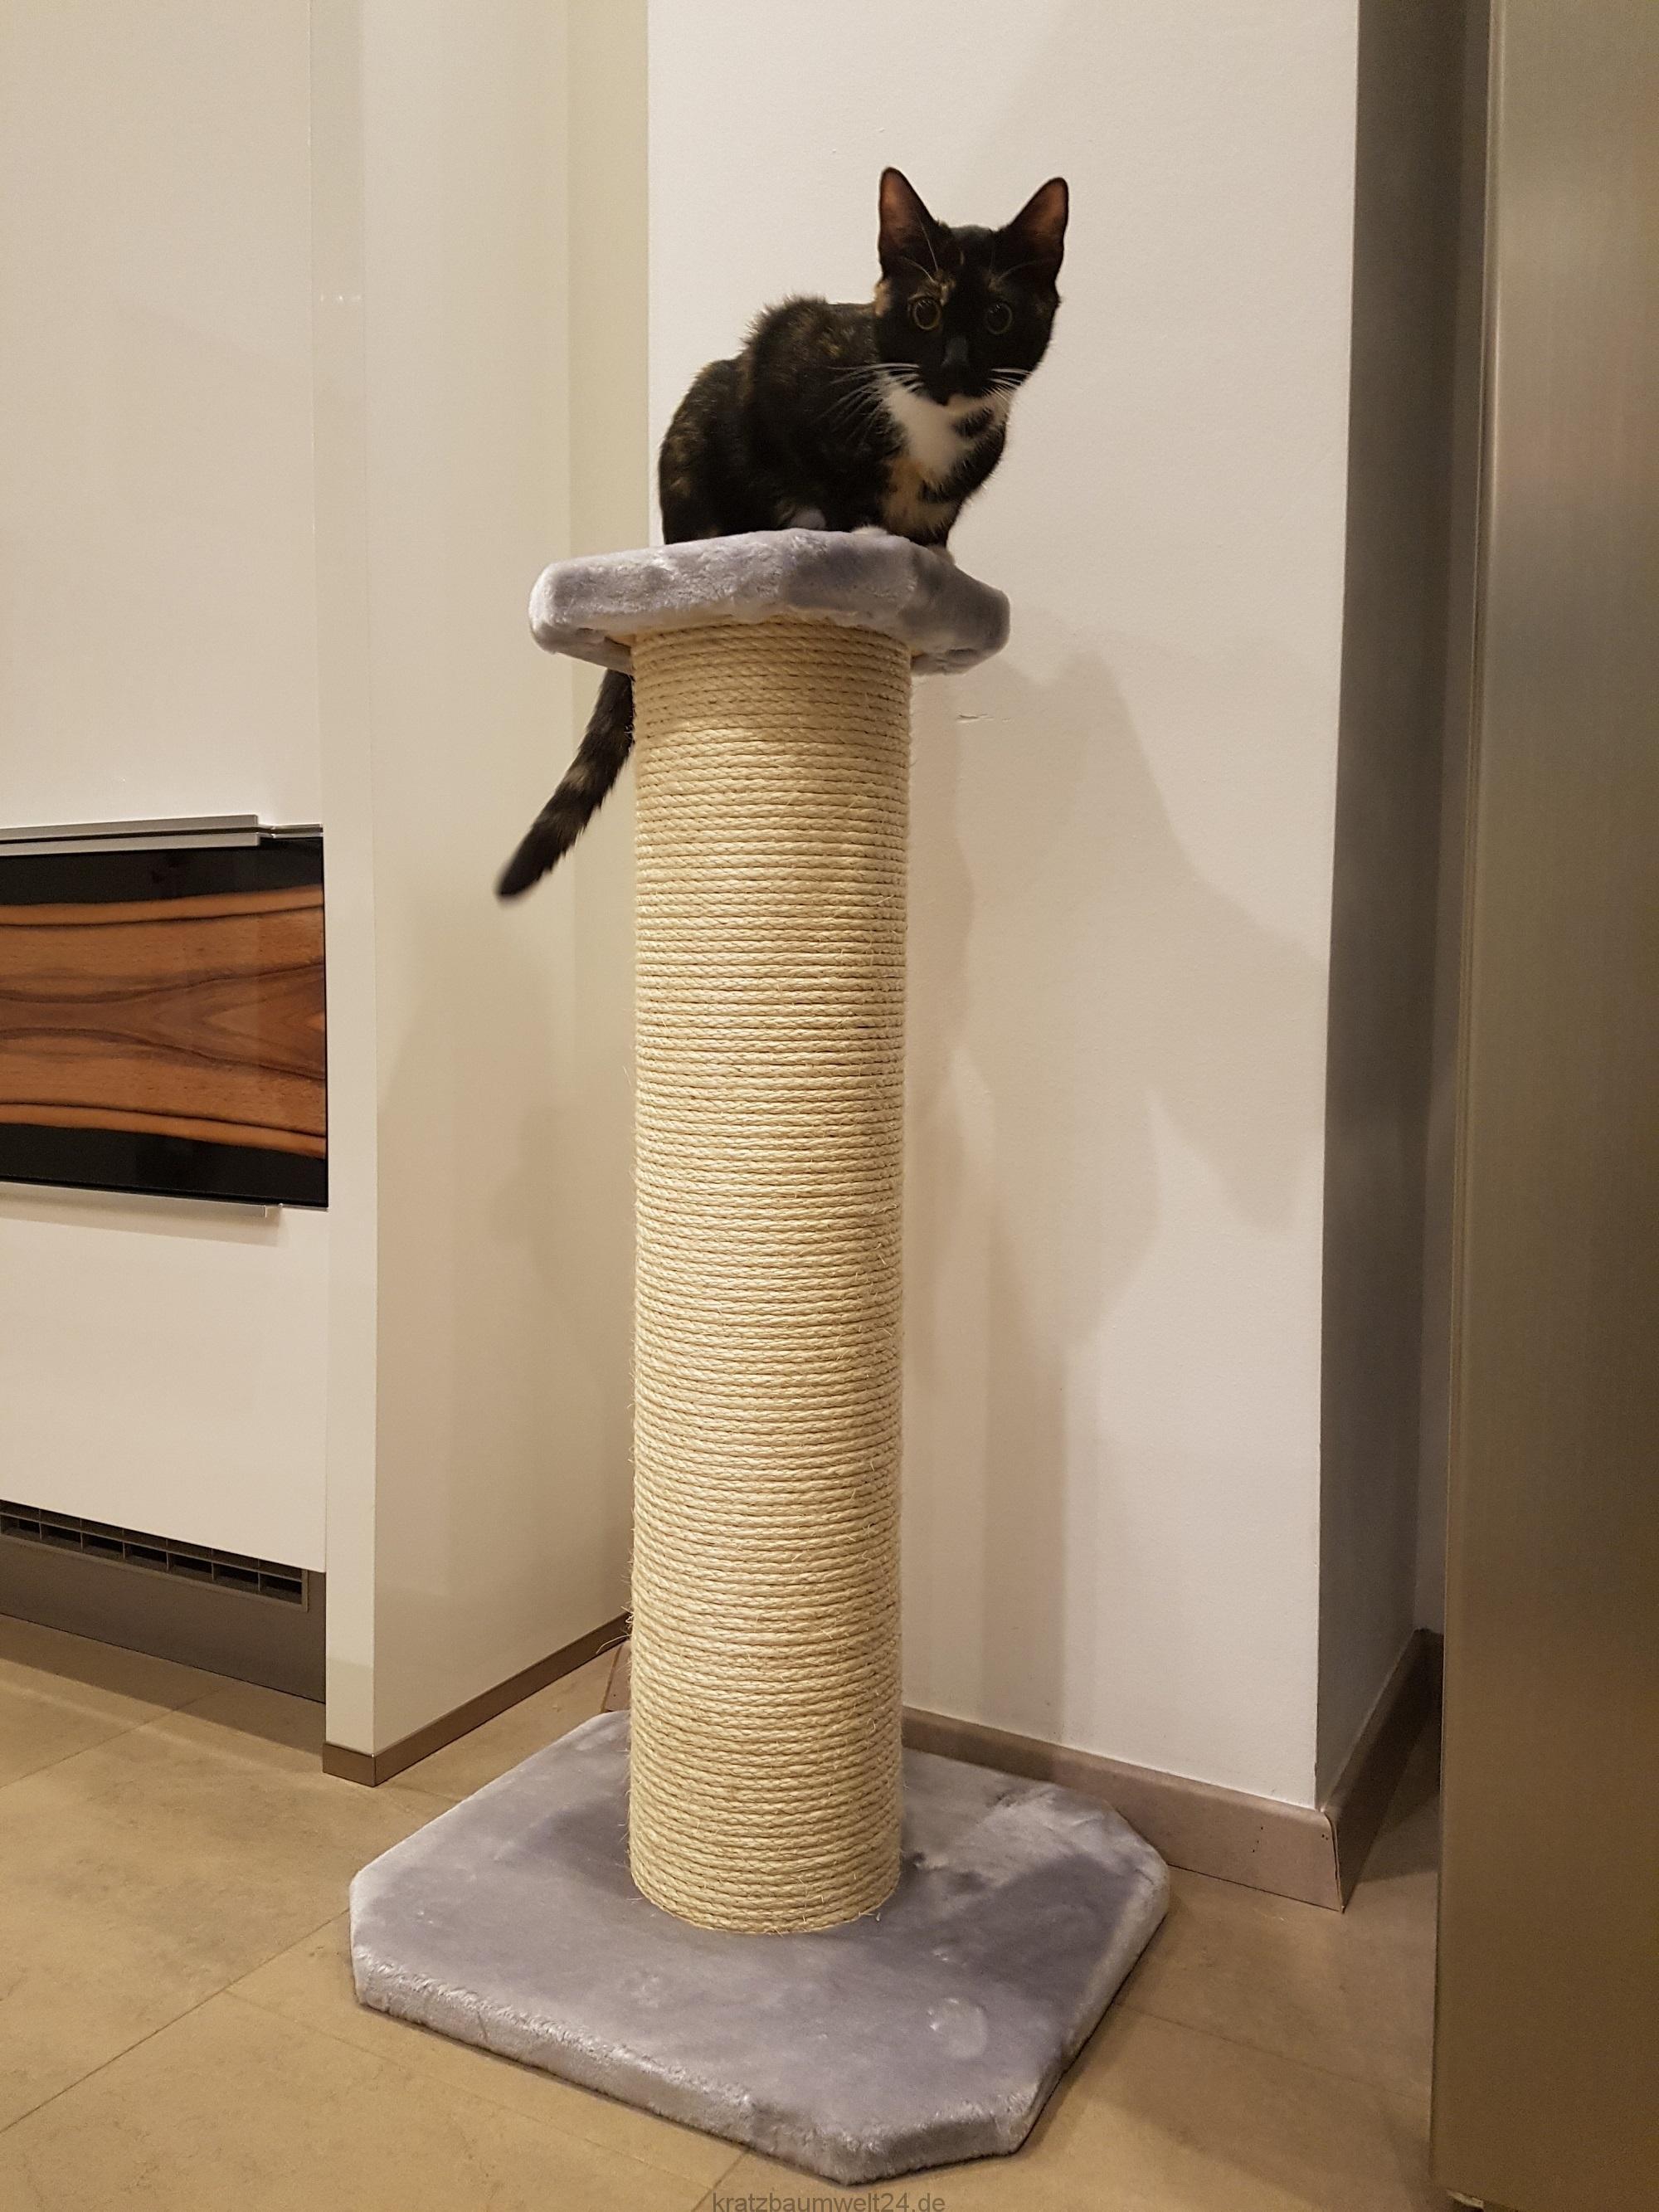 kratzbaum mittel xxl stamm kratzbaum f r kitten kratzbaum klein. Black Bedroom Furniture Sets. Home Design Ideas